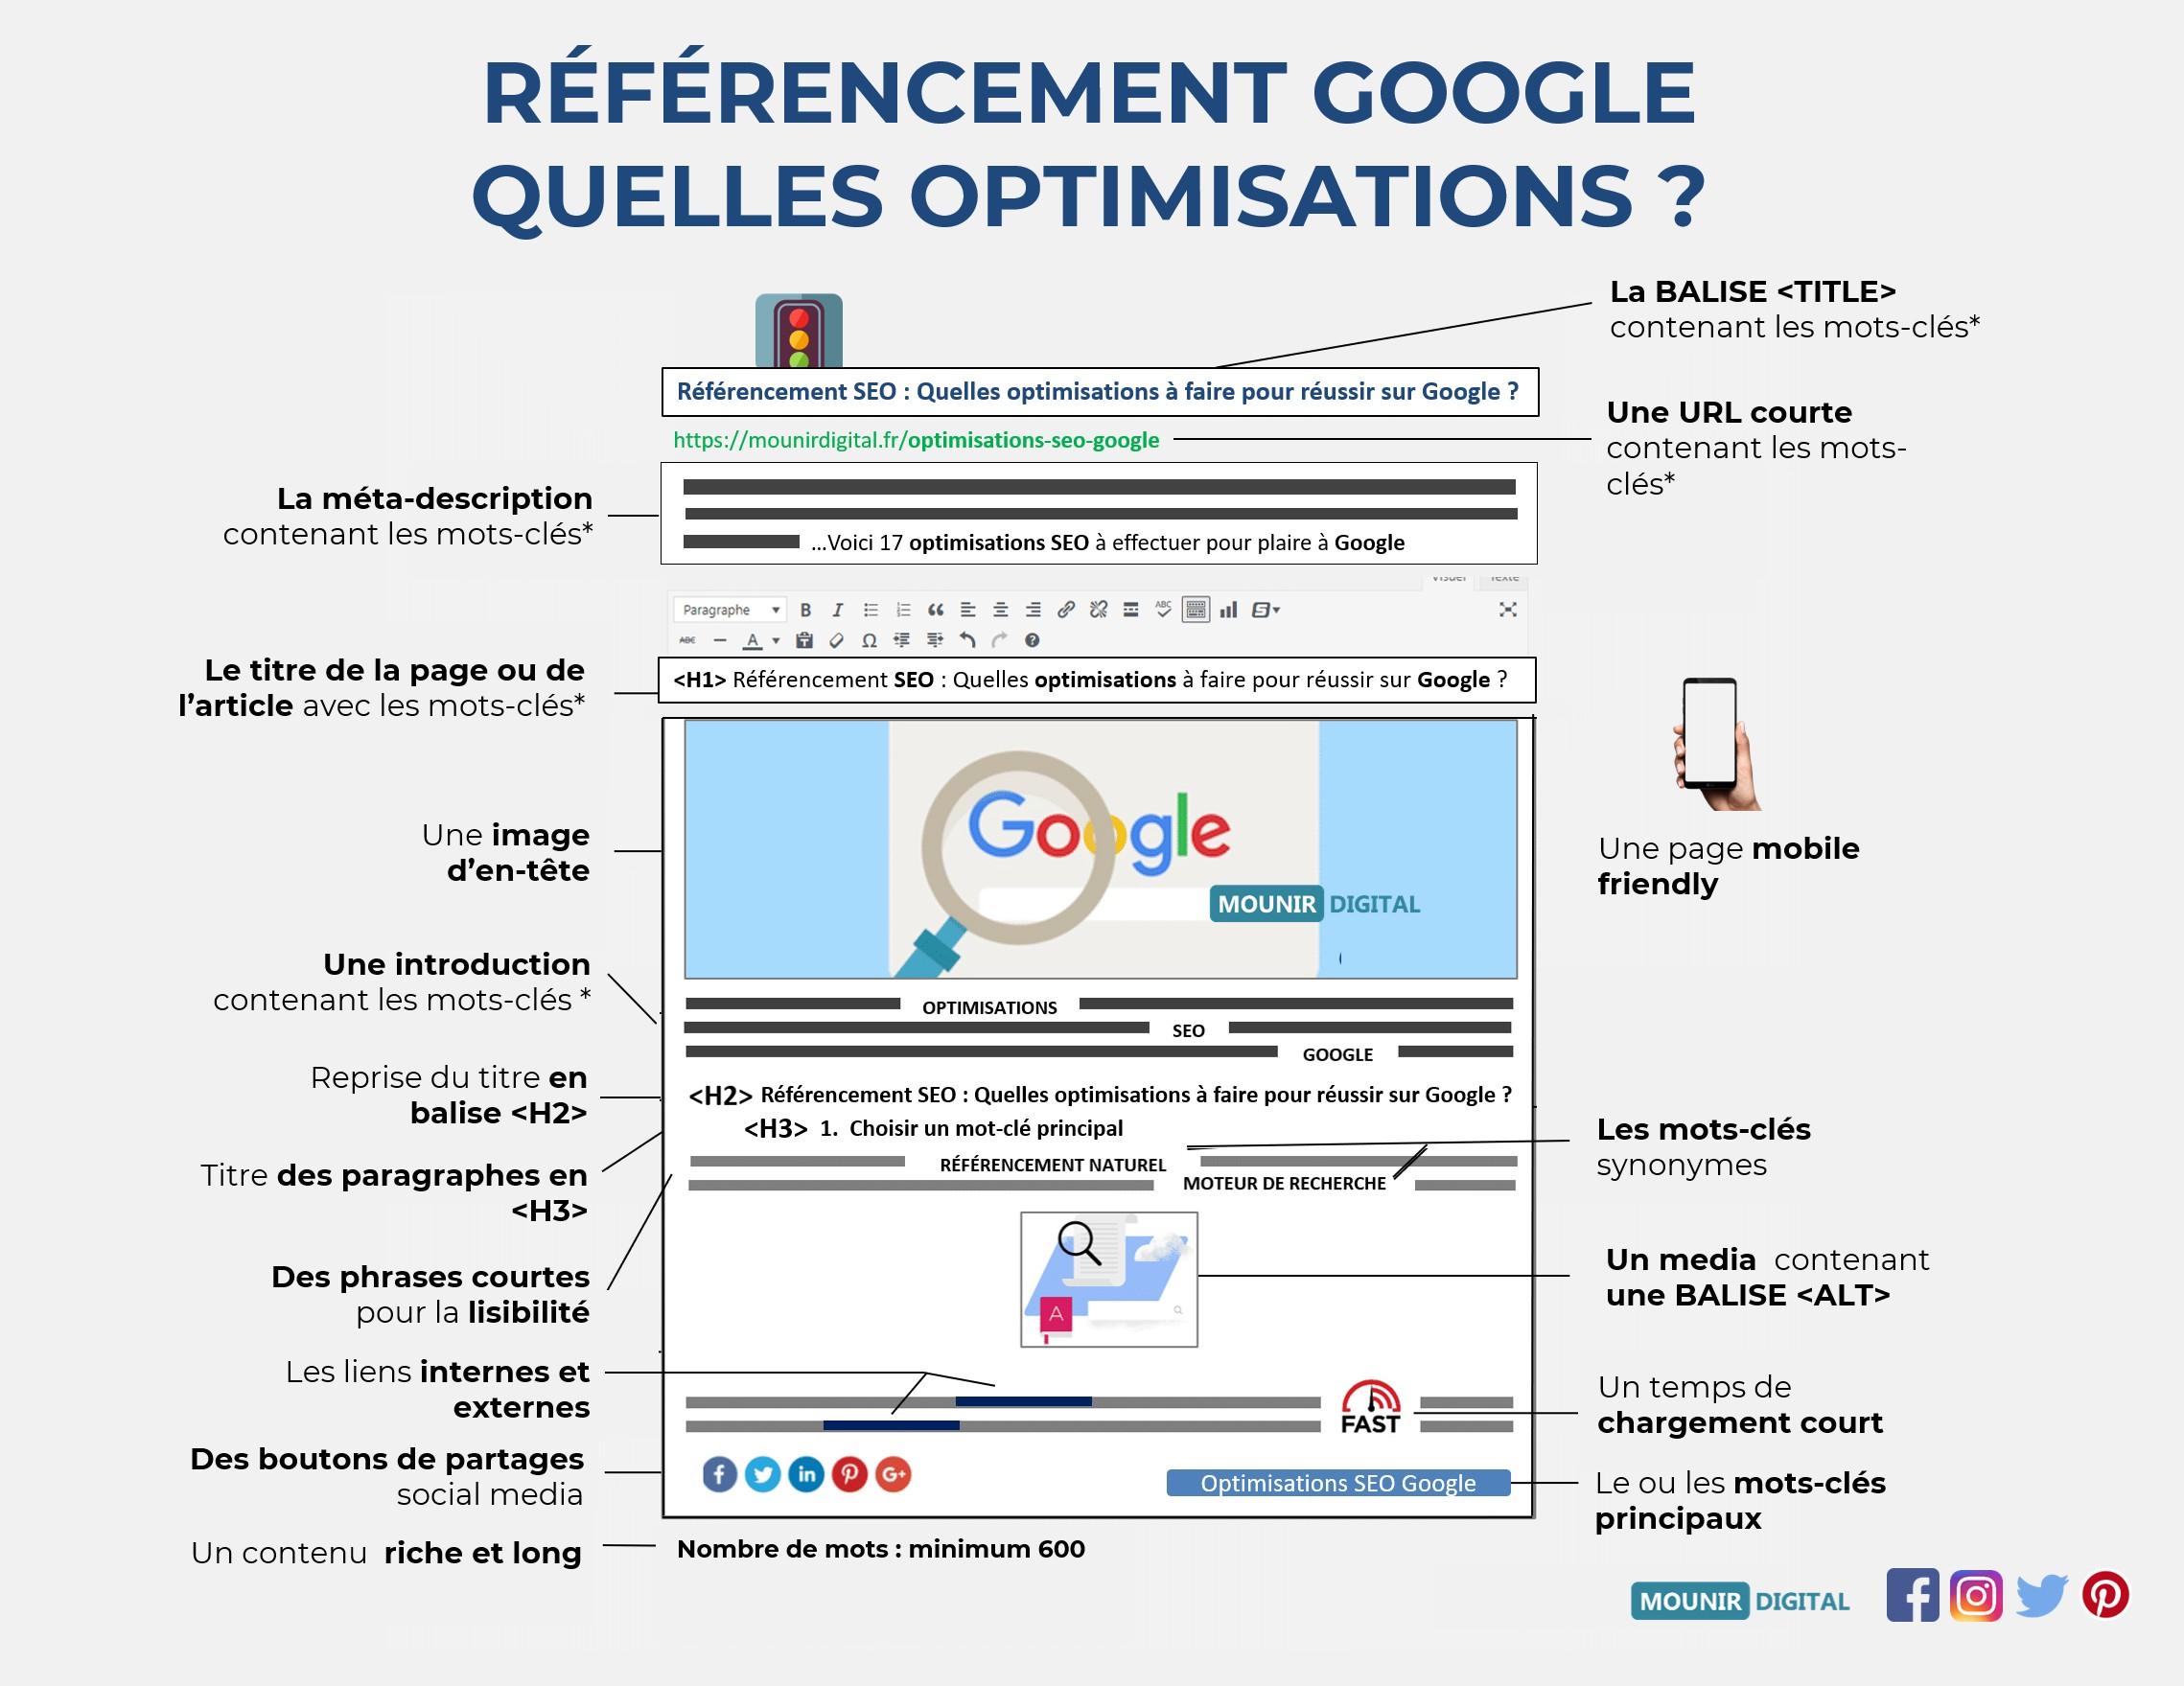 Référencement Google : 12 optimisations à effectuer ! - Mounir Digital